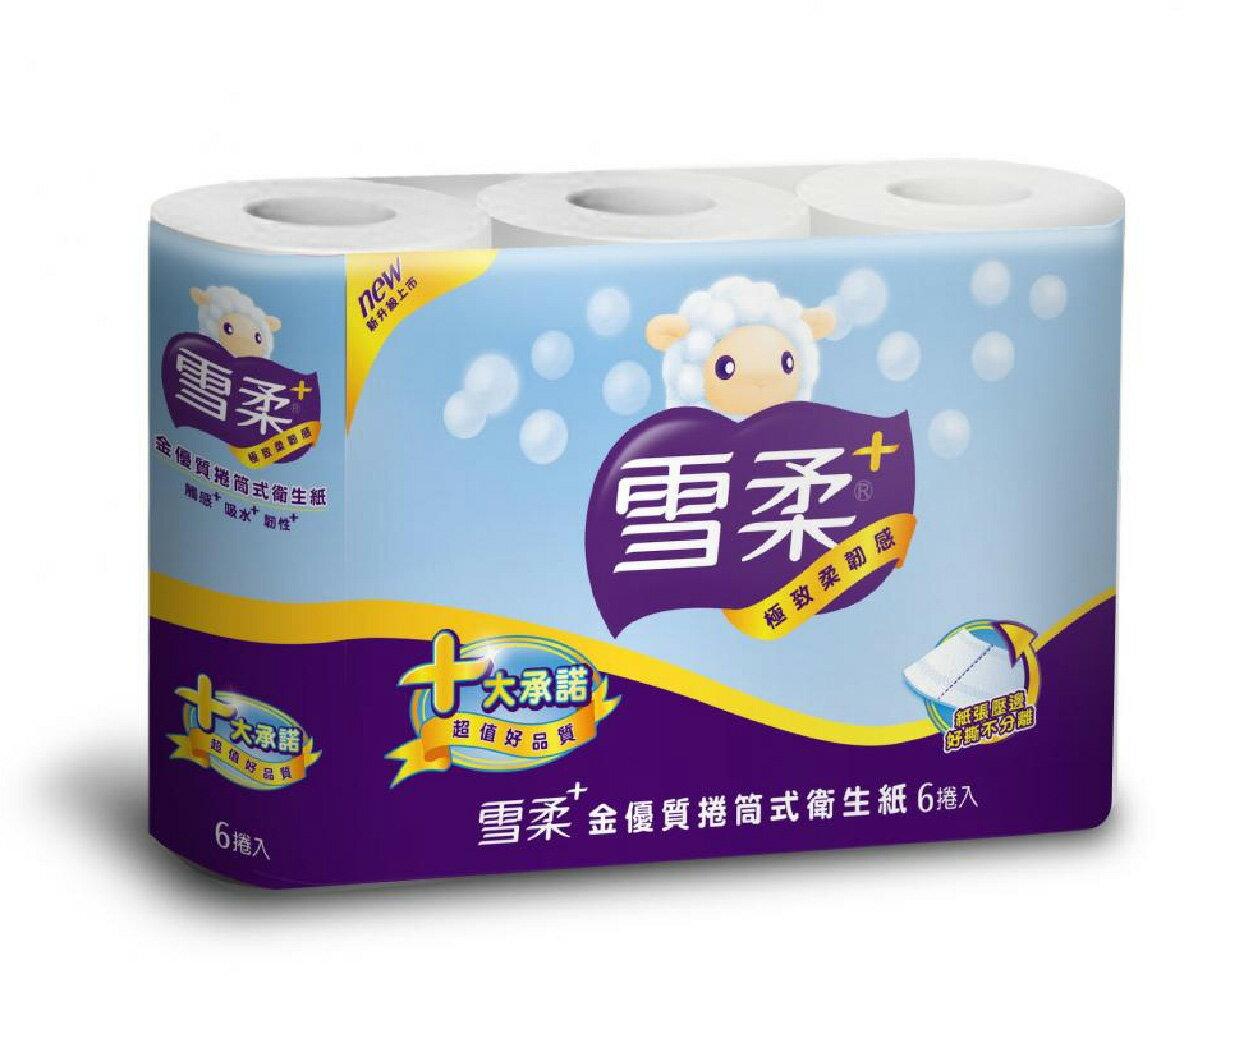 【春風】雪柔小捲筒衛生紙(200張/60捲/箱)